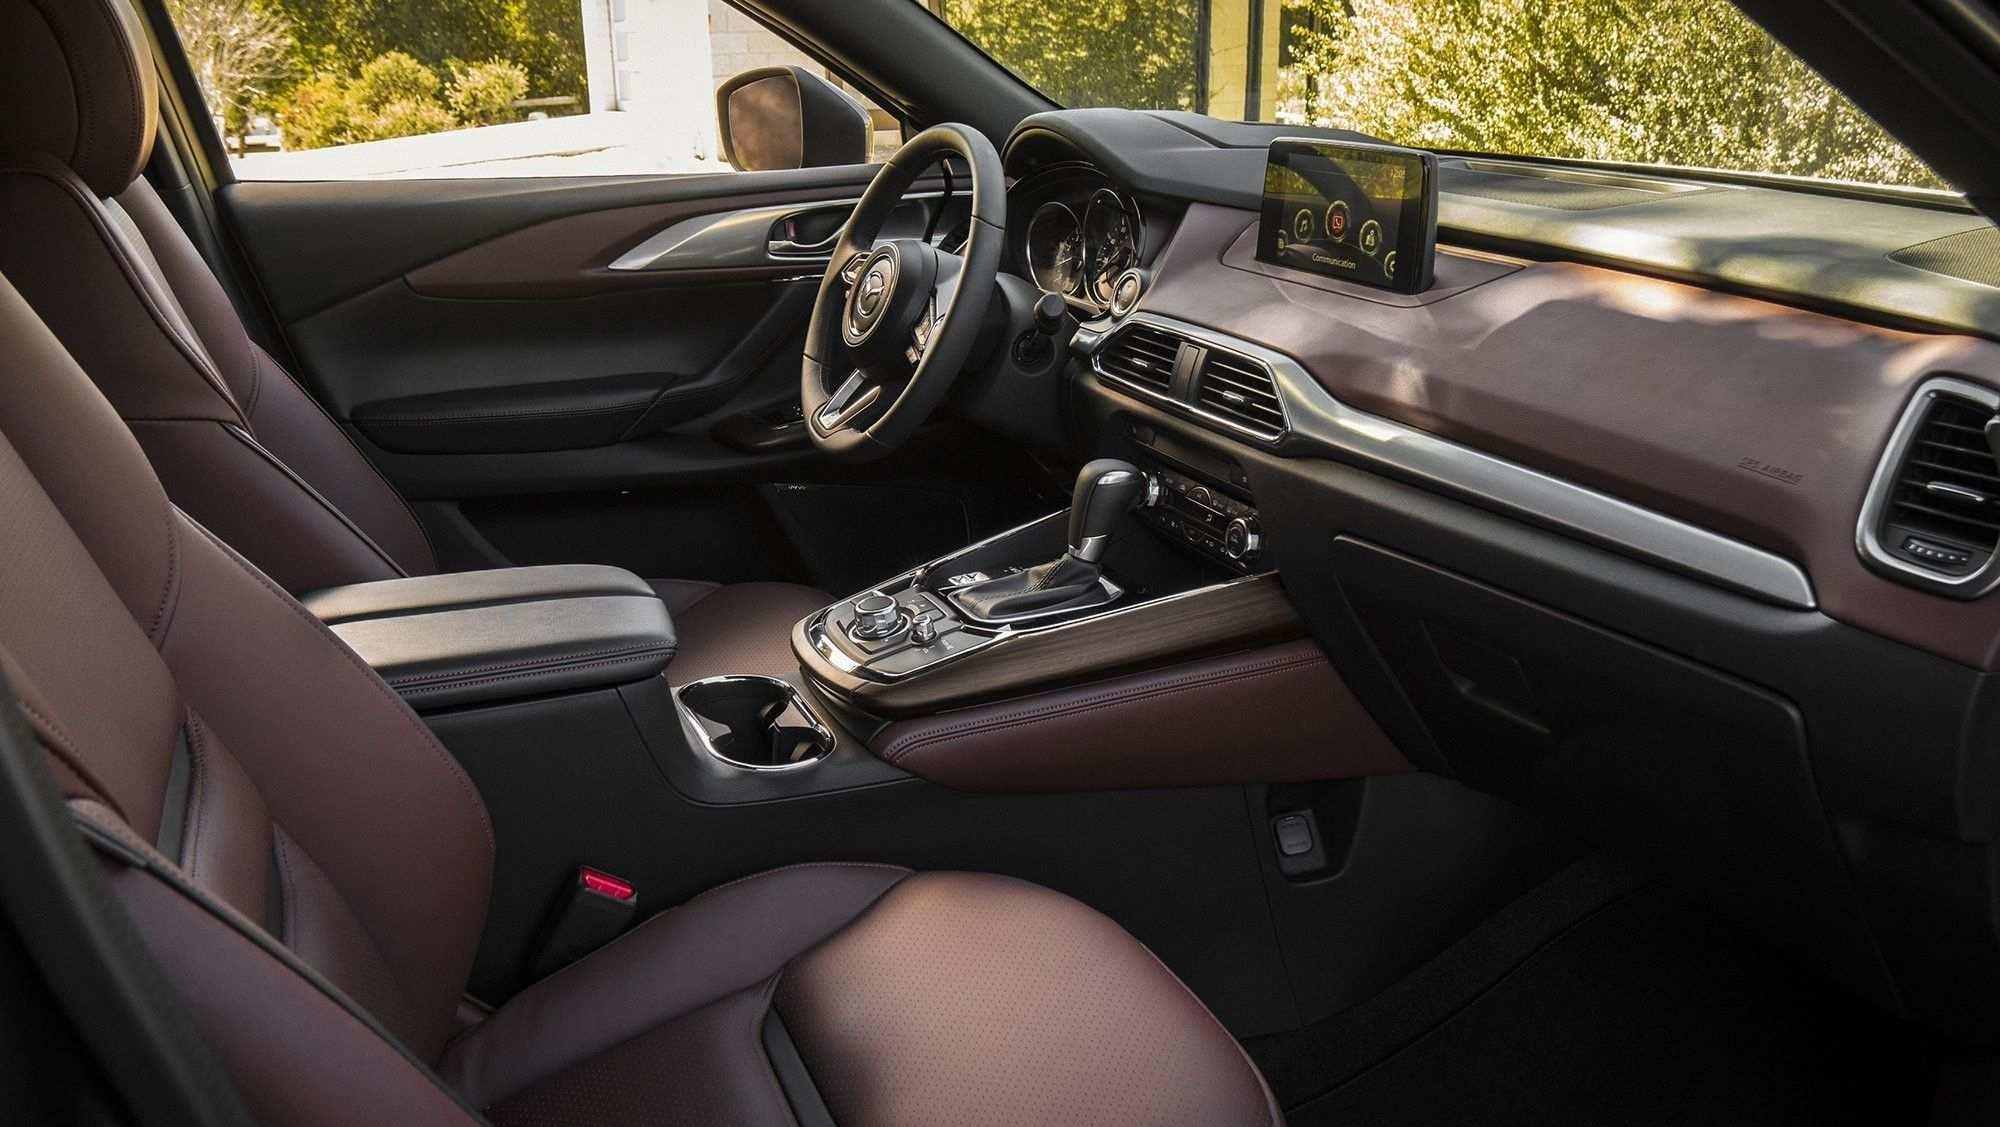 73 Concept Of 2020 Mazda Cx 9 Model For 2020 Mazda Cx 9 Car Review